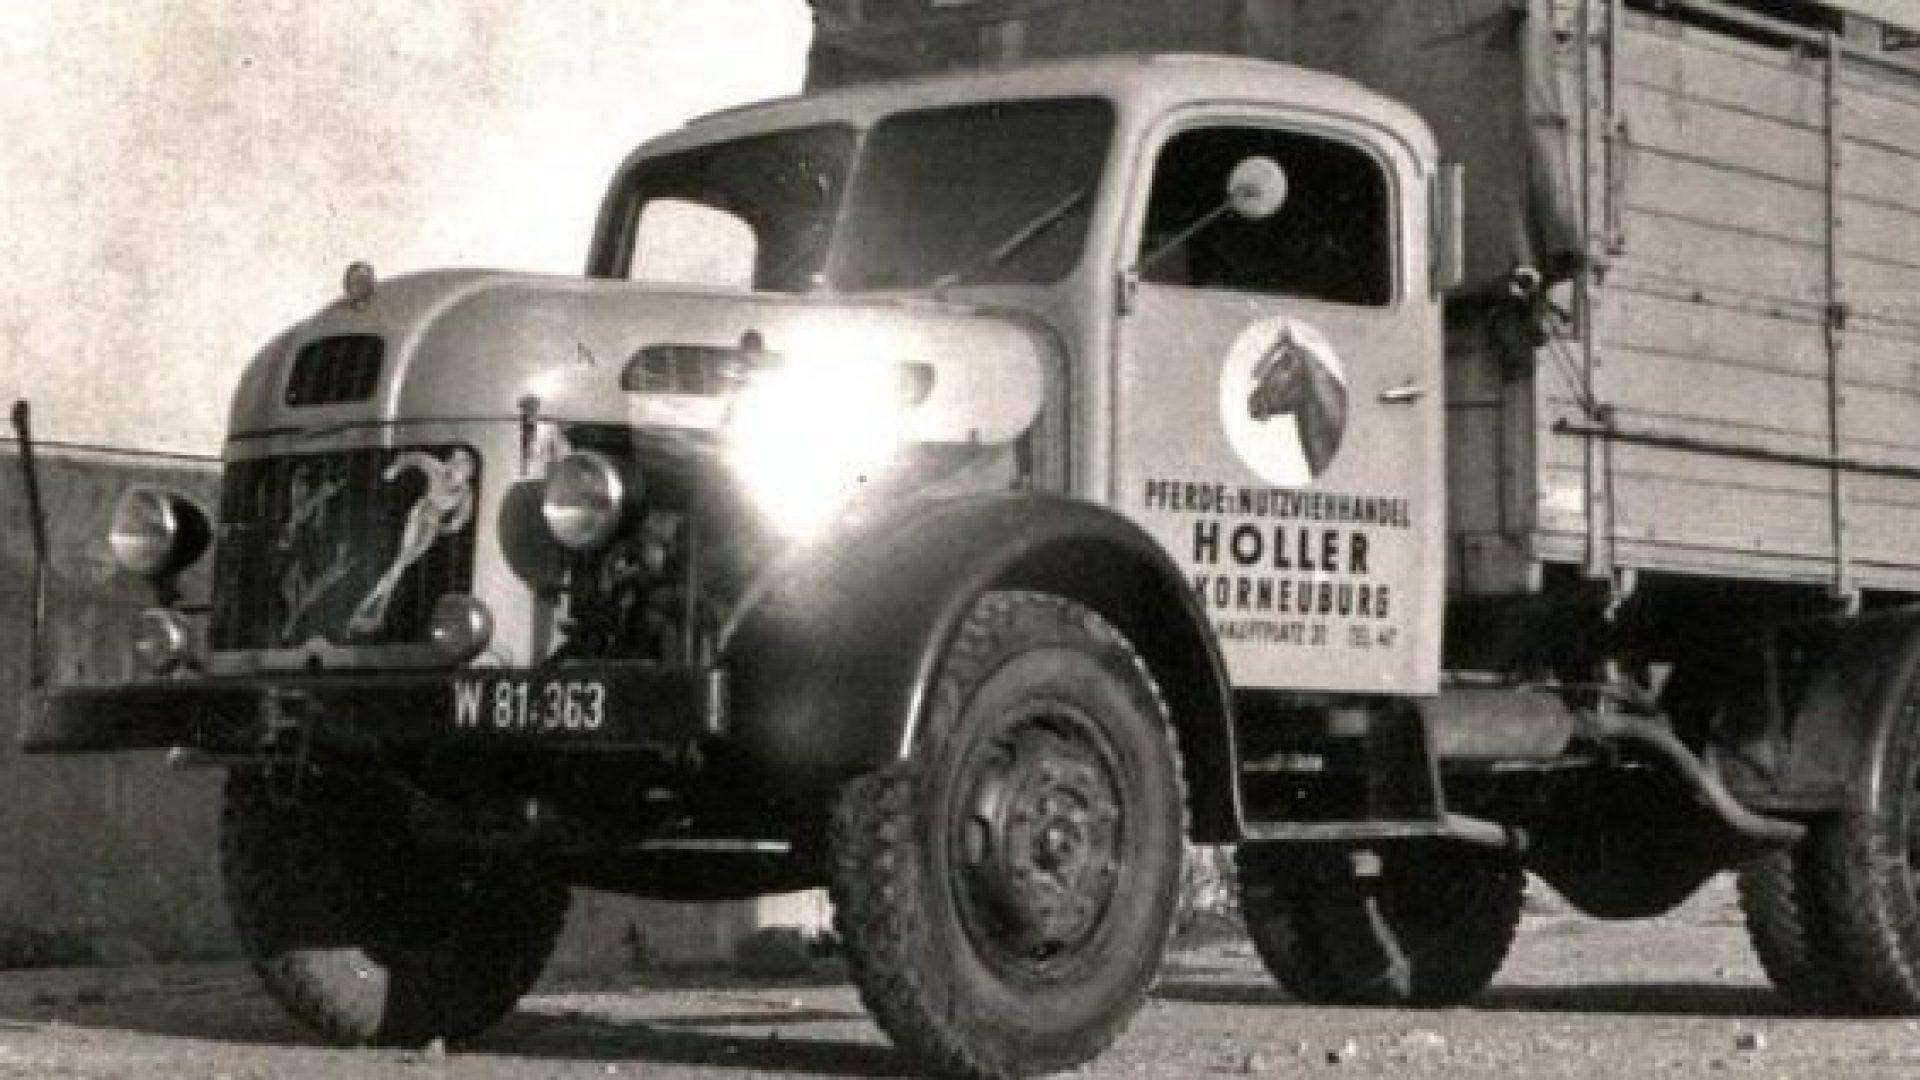 Holler Transporte